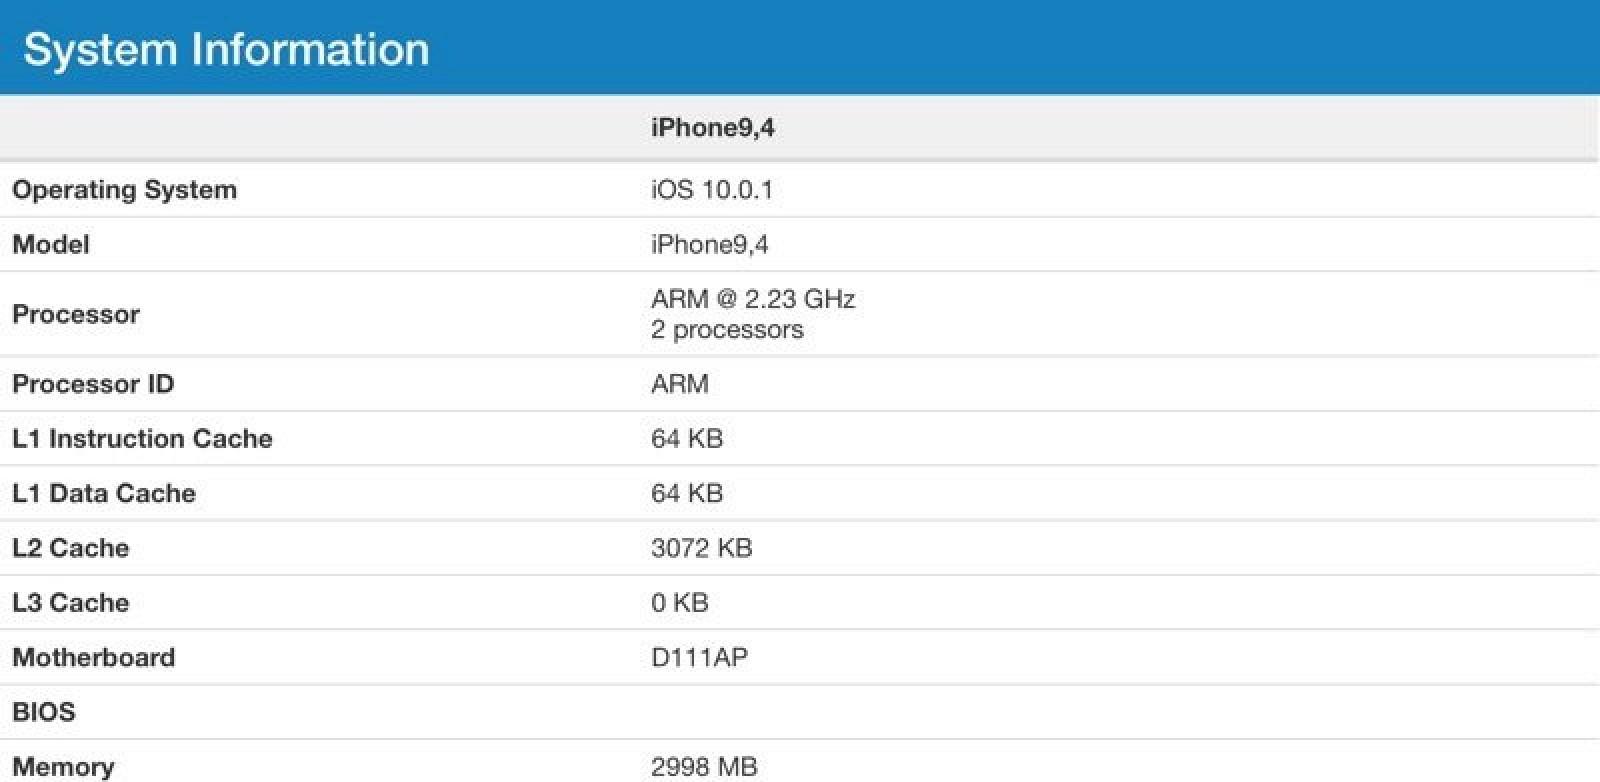 iată cât ram au iphone 7 și iphone 7 plus conform geekbench